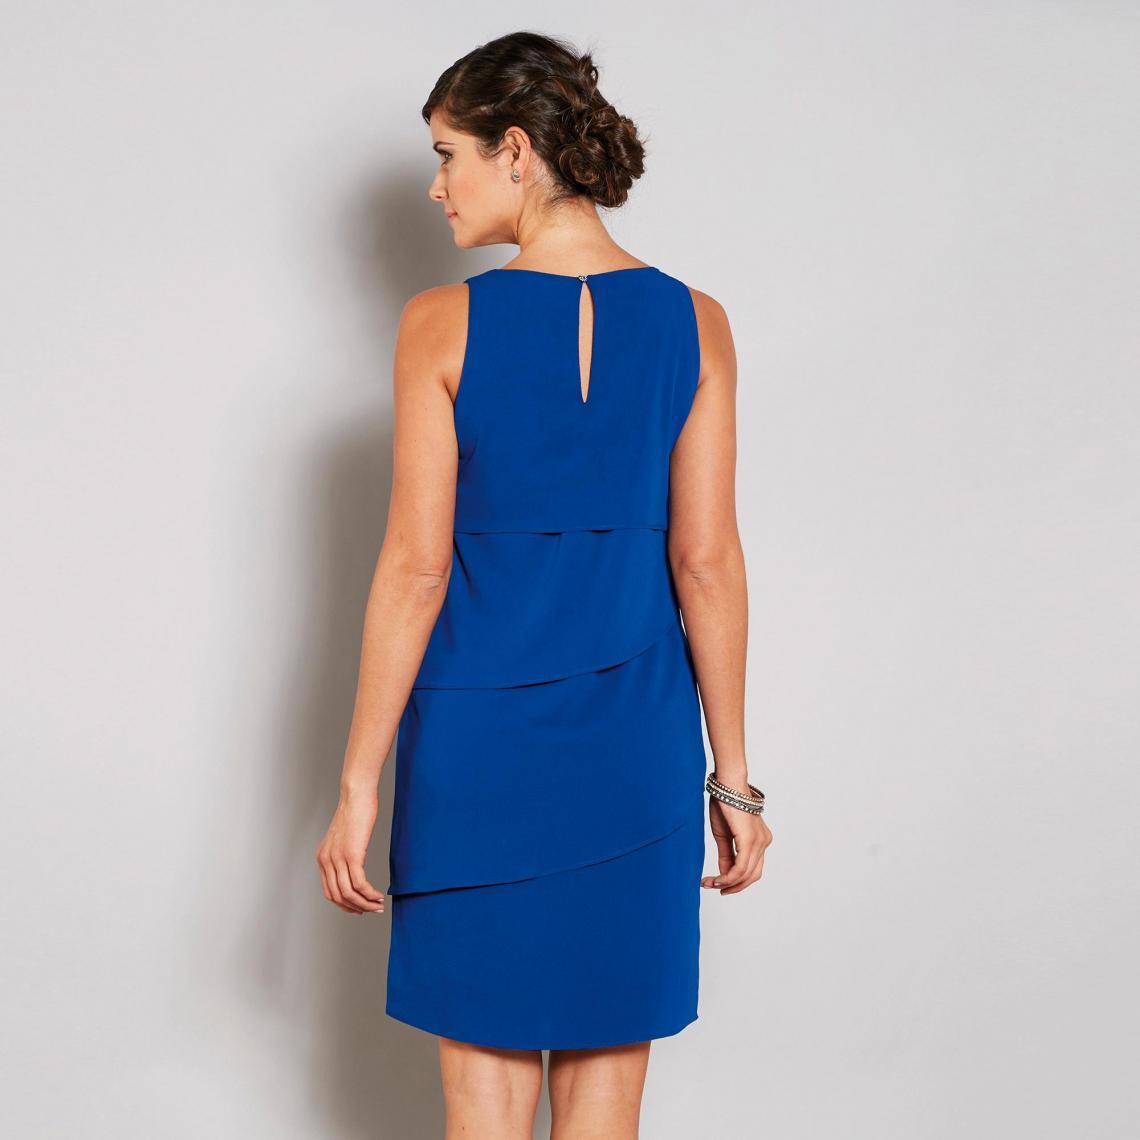 Robe Courte Sans Manches Effet Superposé Femme Bleu 3 Suisses